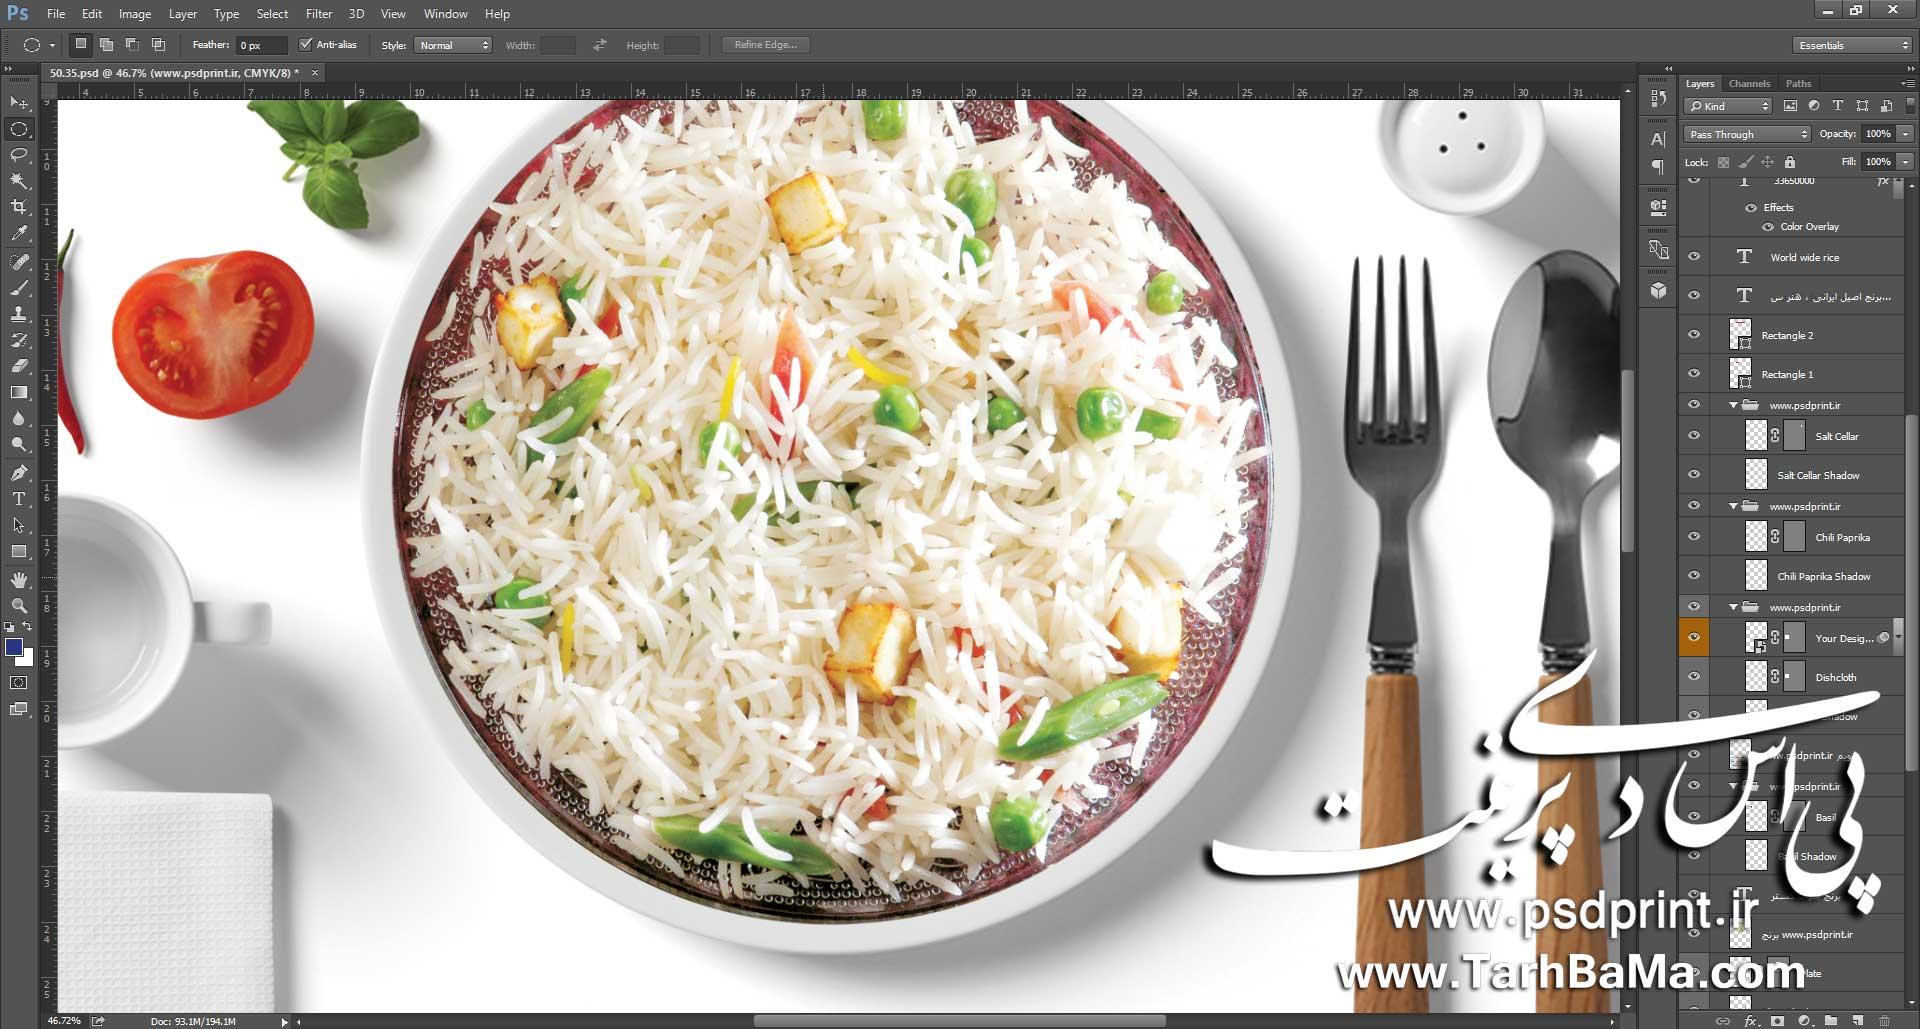 طرح تقویم دیواری برنج